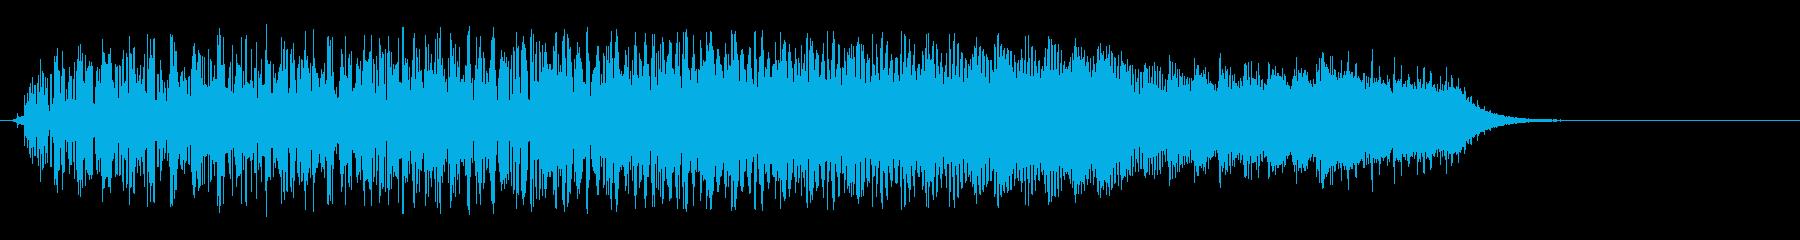 キラキラ系(上がる)の再生済みの波形